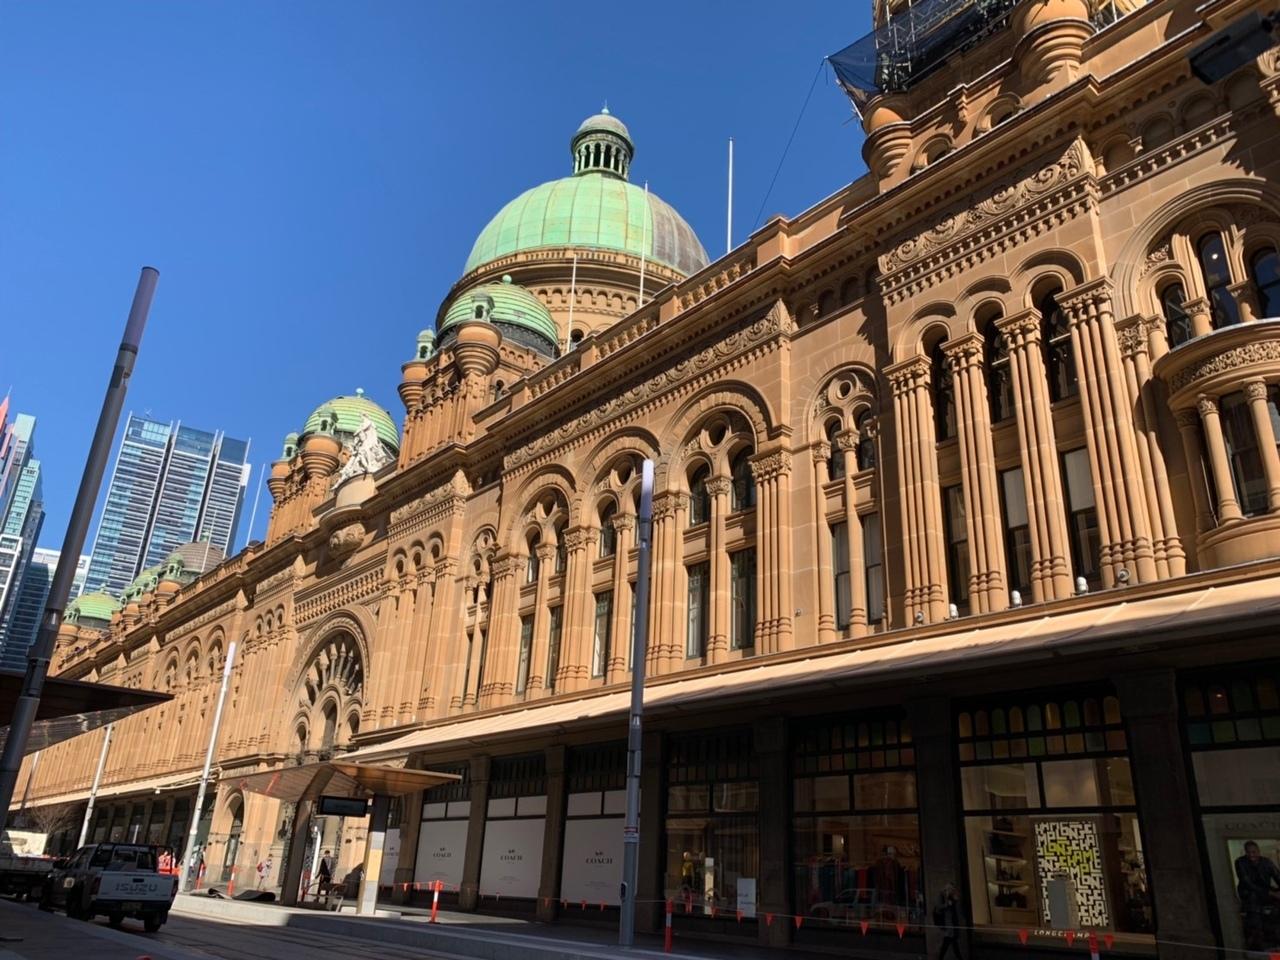 ビクトリア様式の建物で、1898年に完成したらしい。